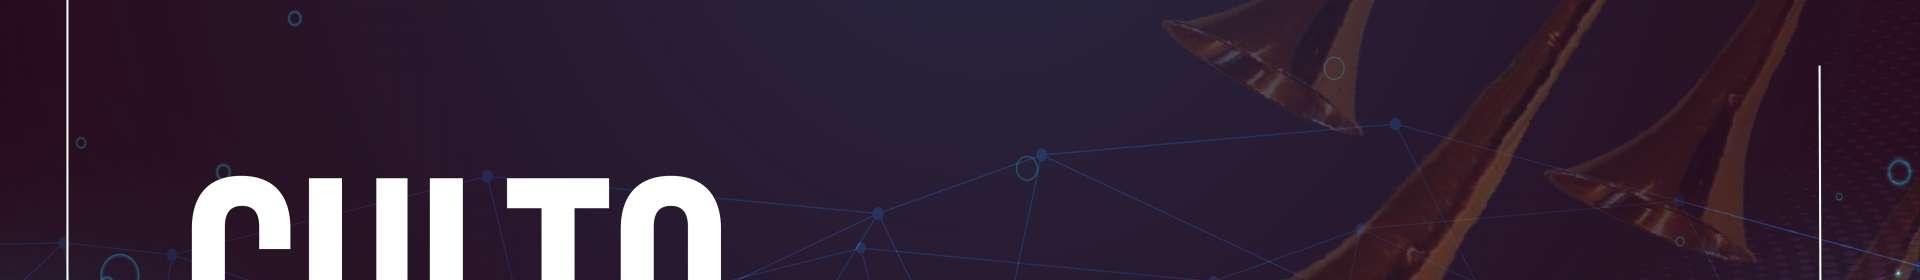 Culto via satélite exibido em 28/01/2020